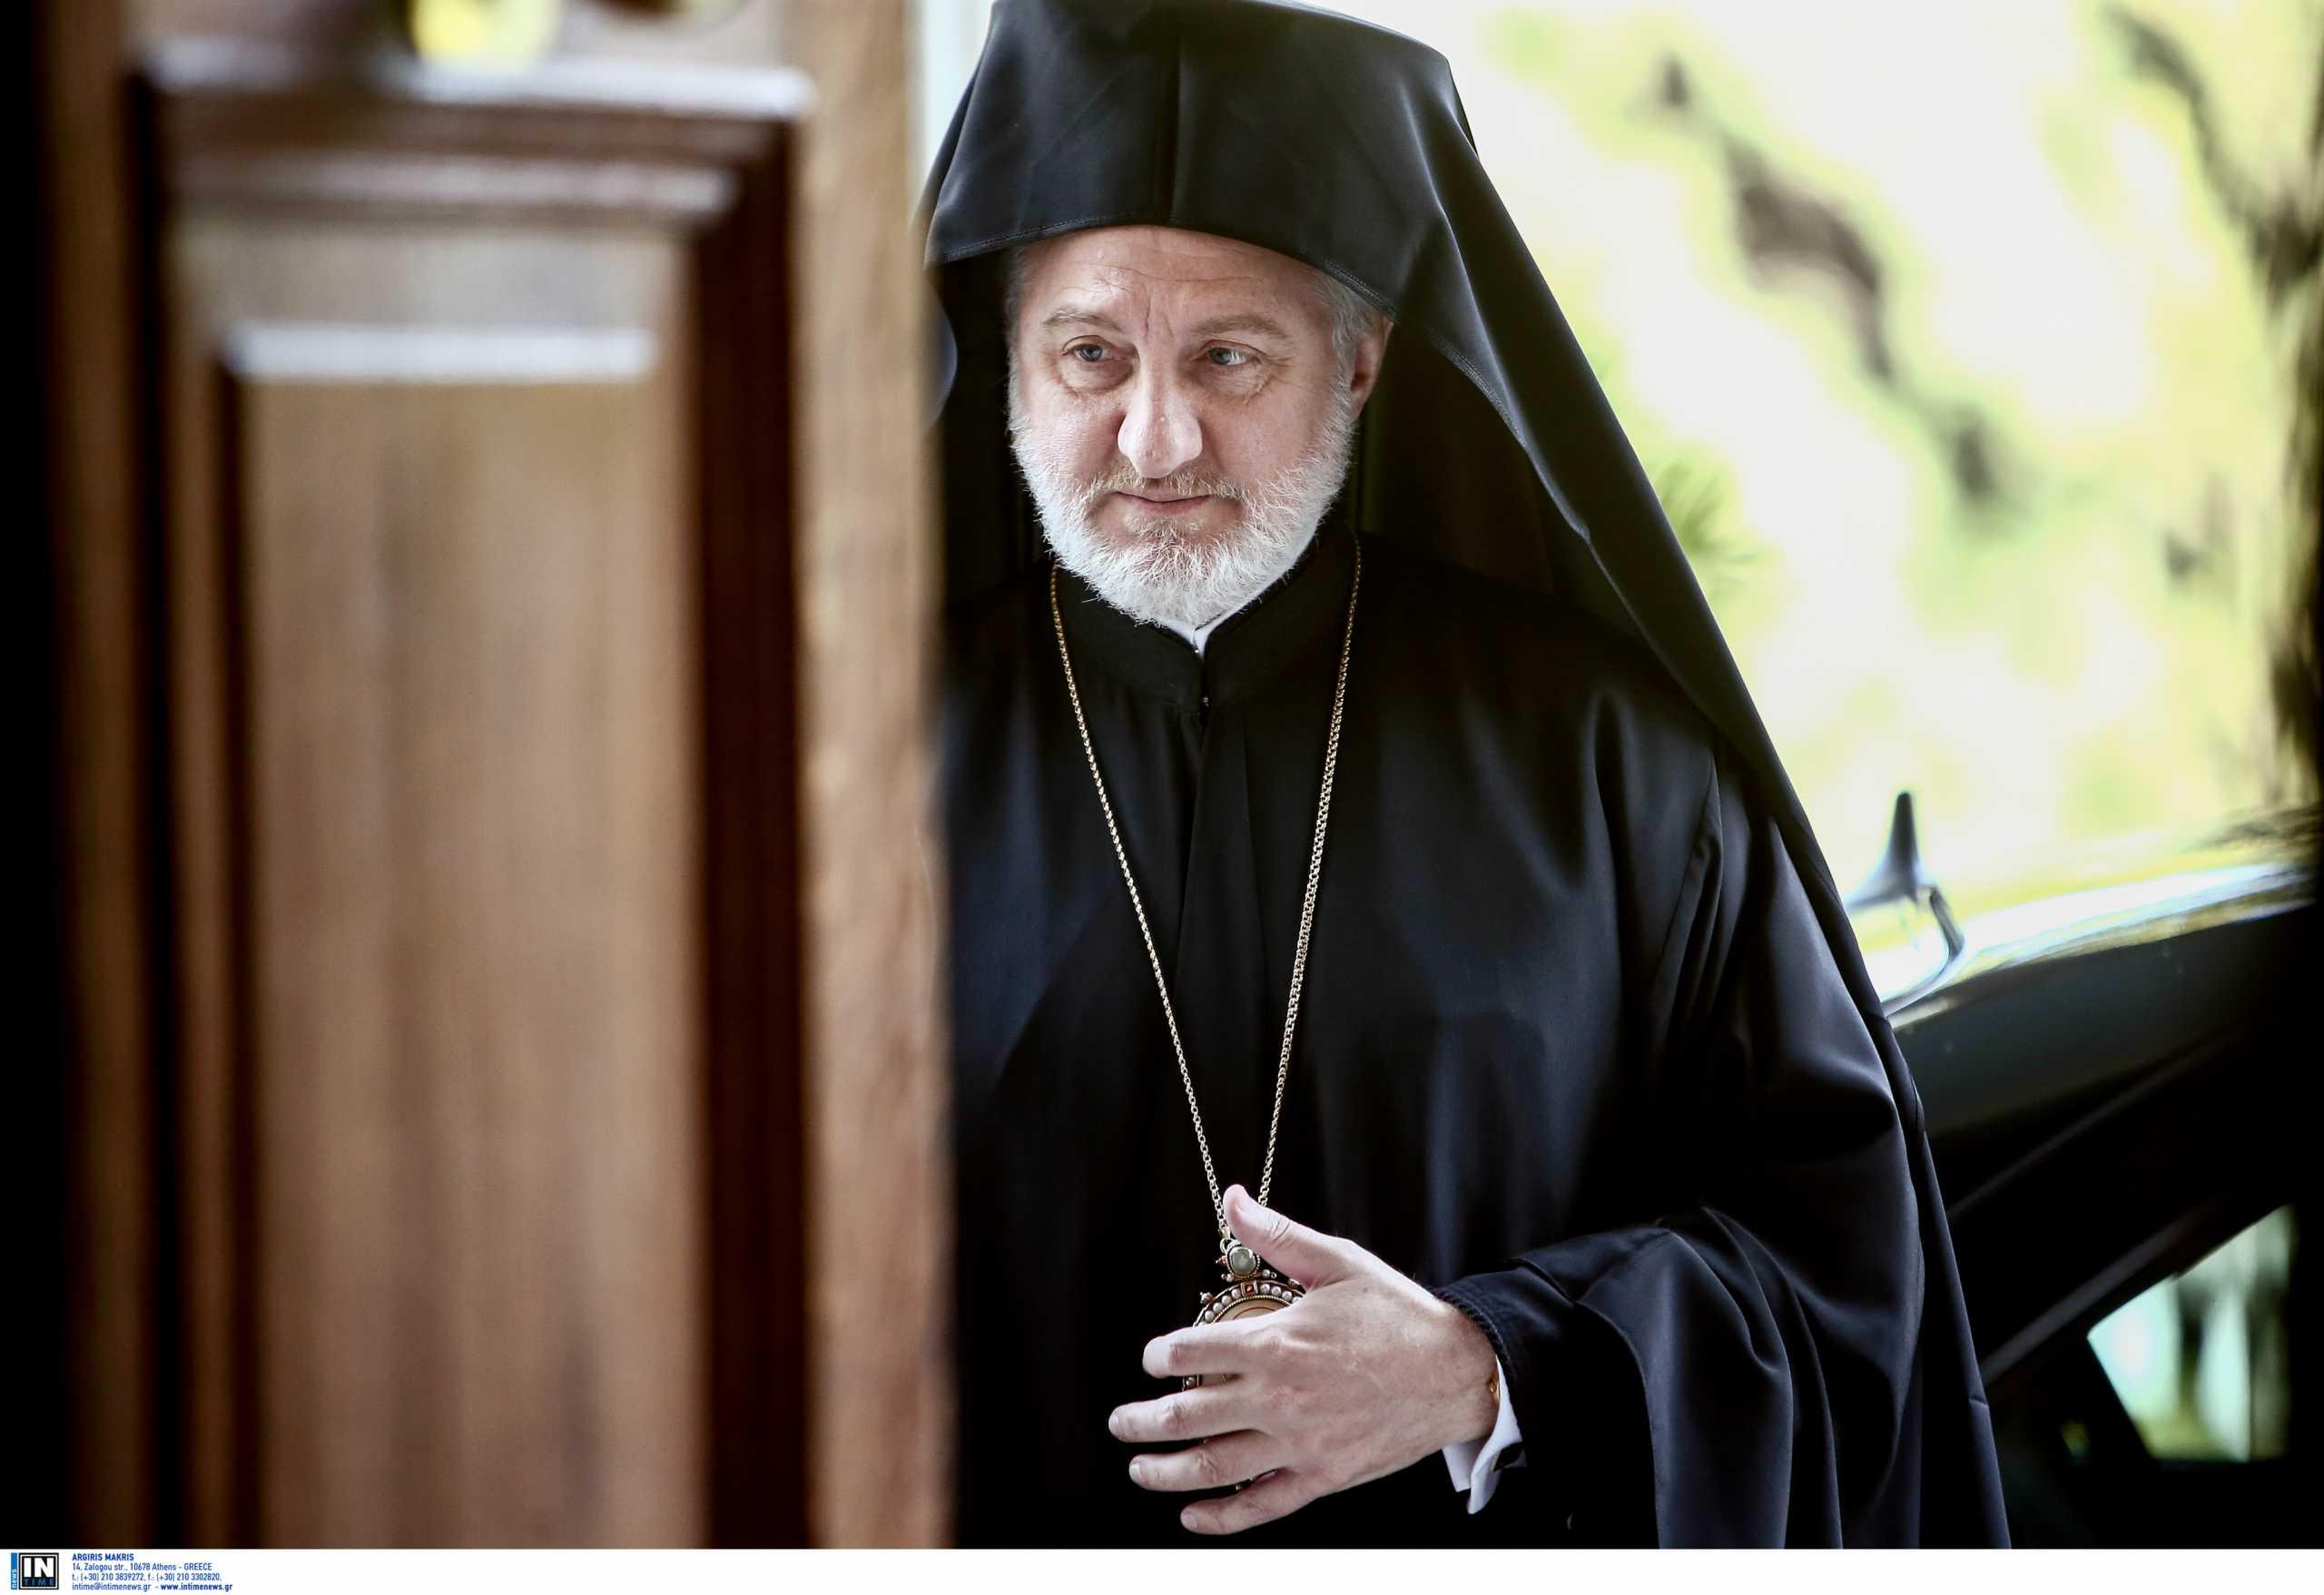 Αρχιεπίσκοπος Ελπιδοφόρος: Η κρίση ξεπεράστηκε, είμαι ευθυγραμμισμένος με την εθνική γραμμή